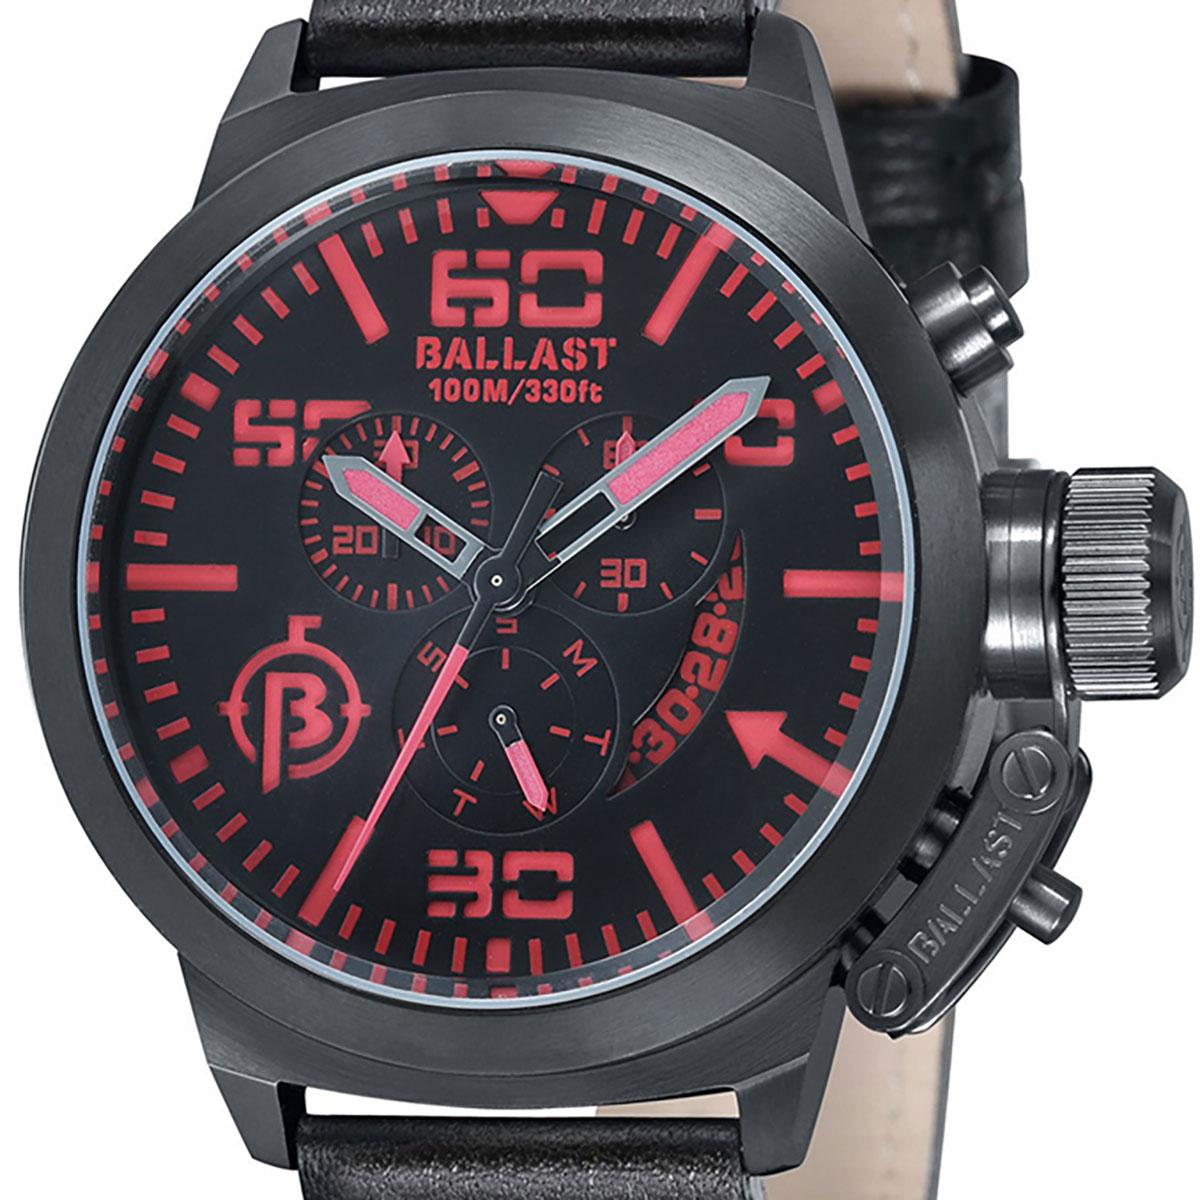 【残り1点】BALLAST バラスト 電池式クォーツ 腕時計 [BL-3101-08] 並行輸入品 デイデイト クロノグラフ